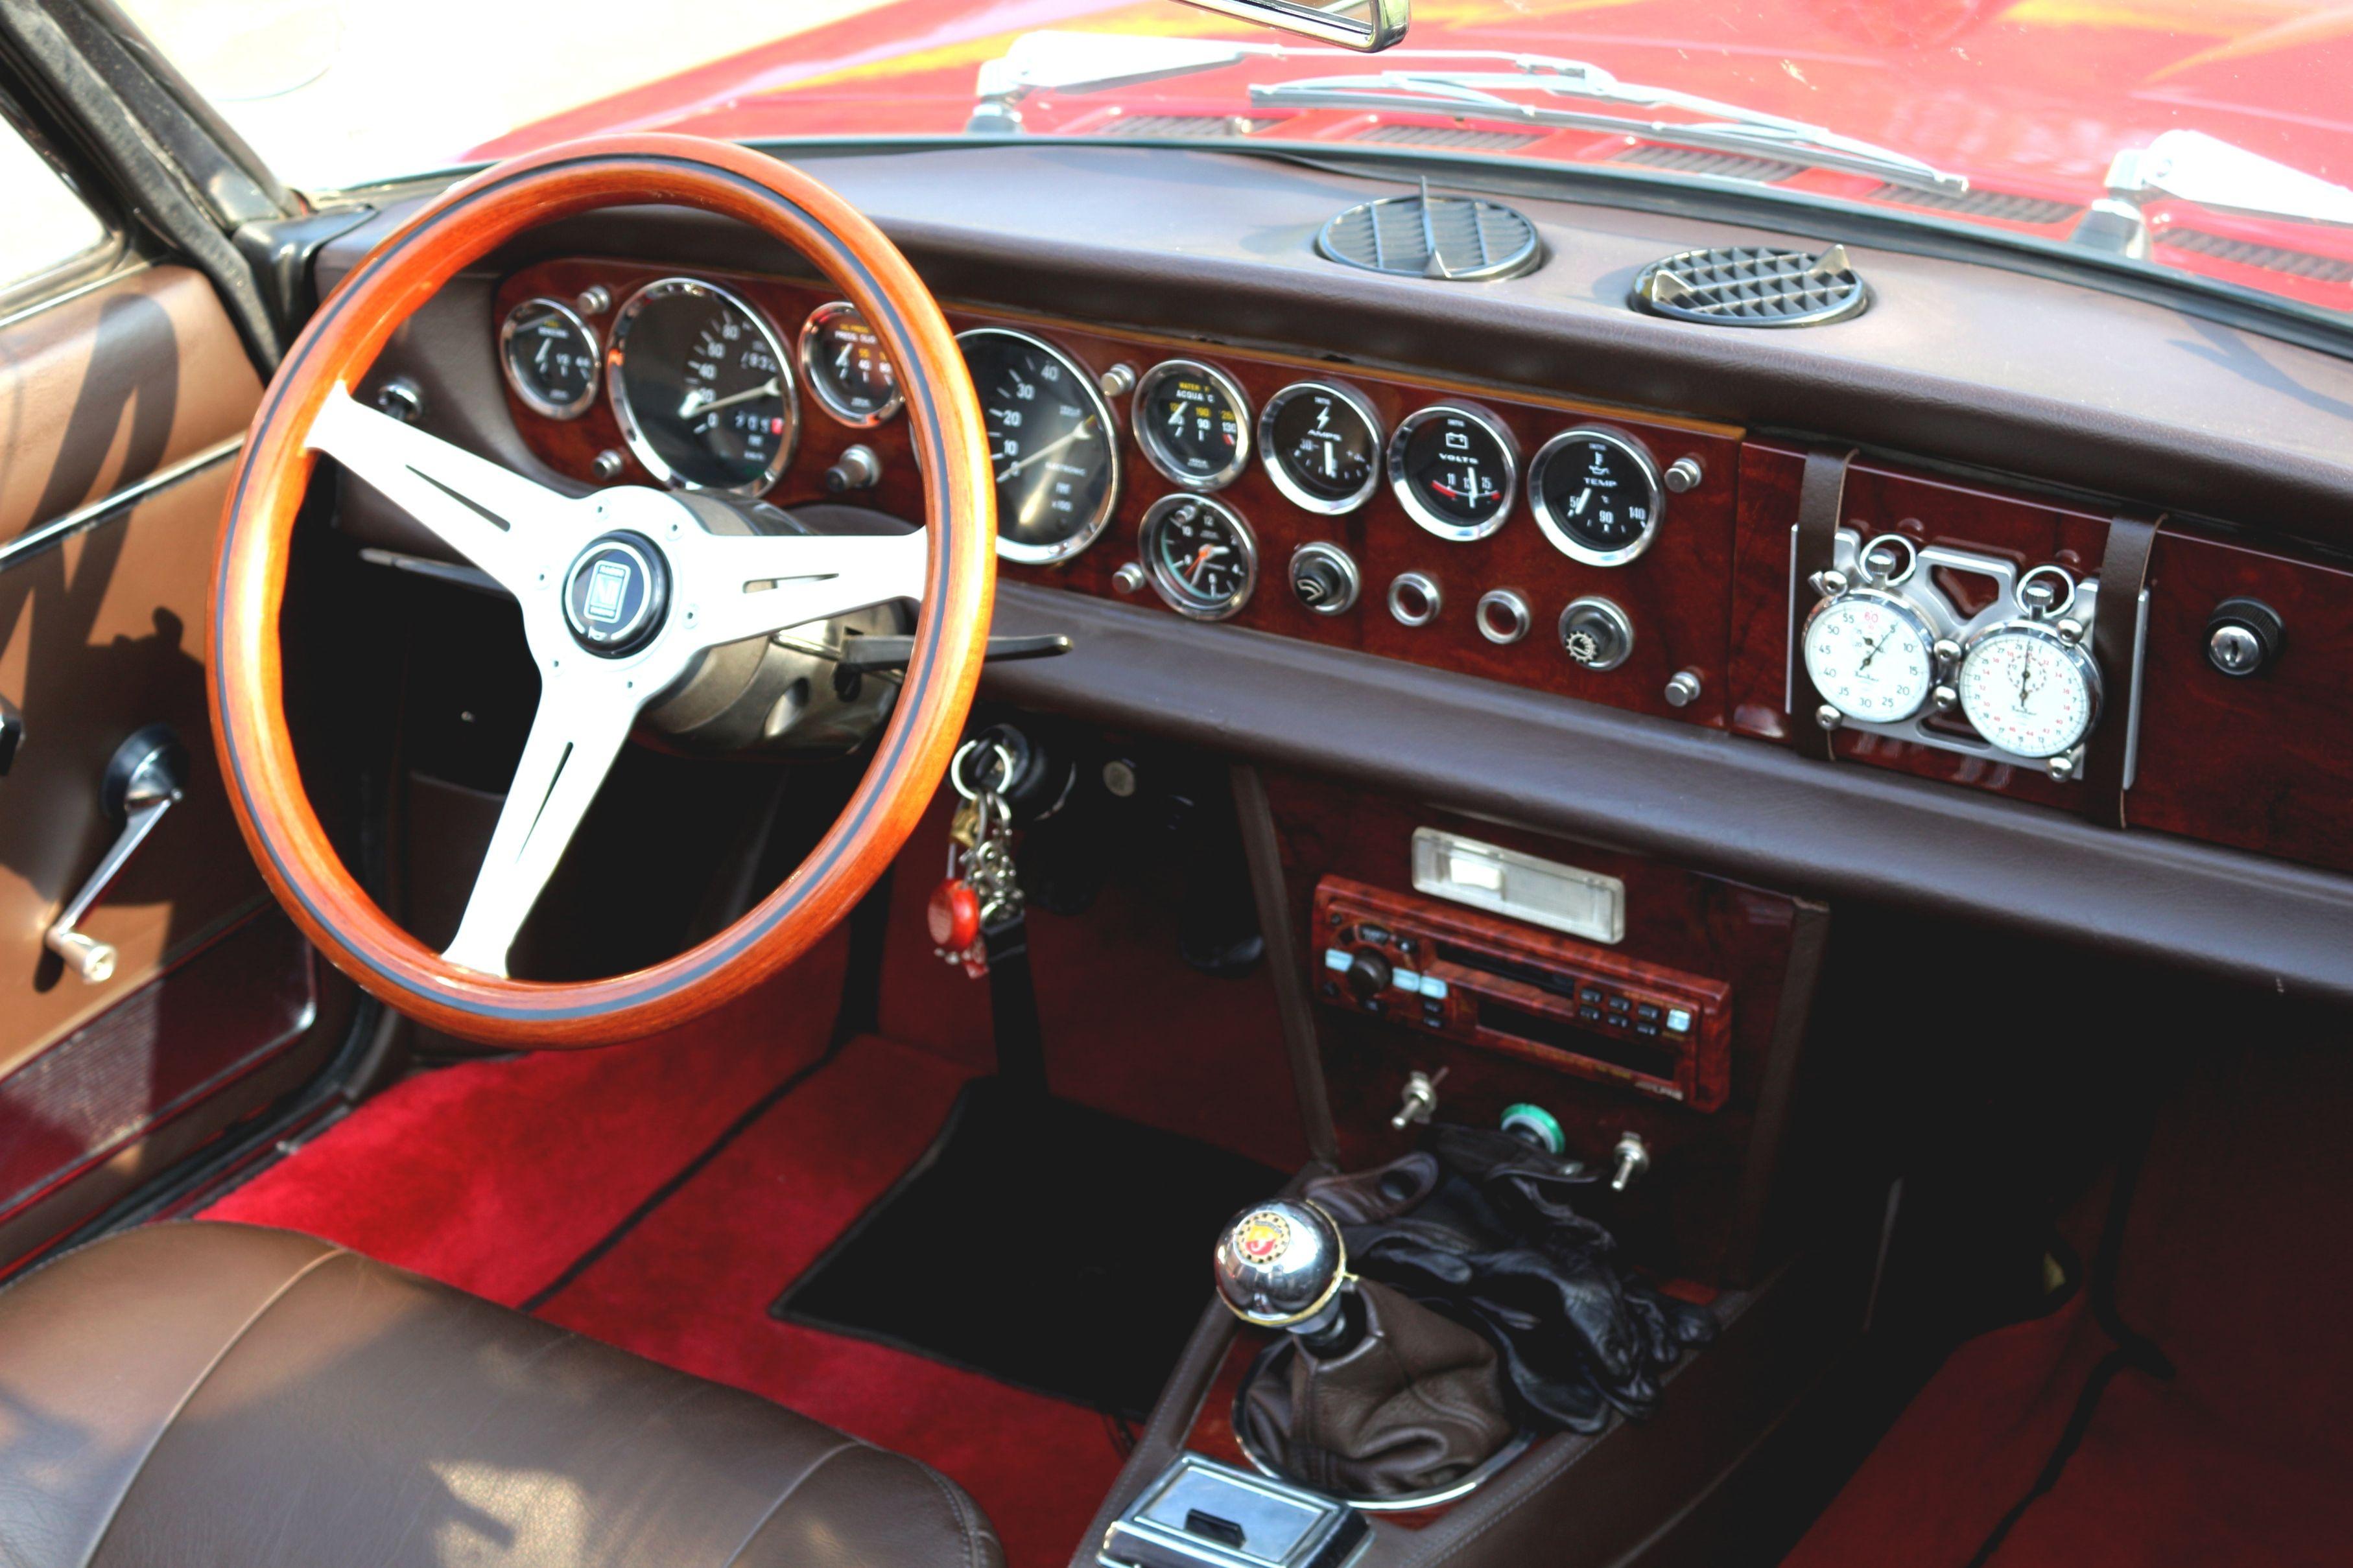 124er Cockpit With Images Fiat Spider